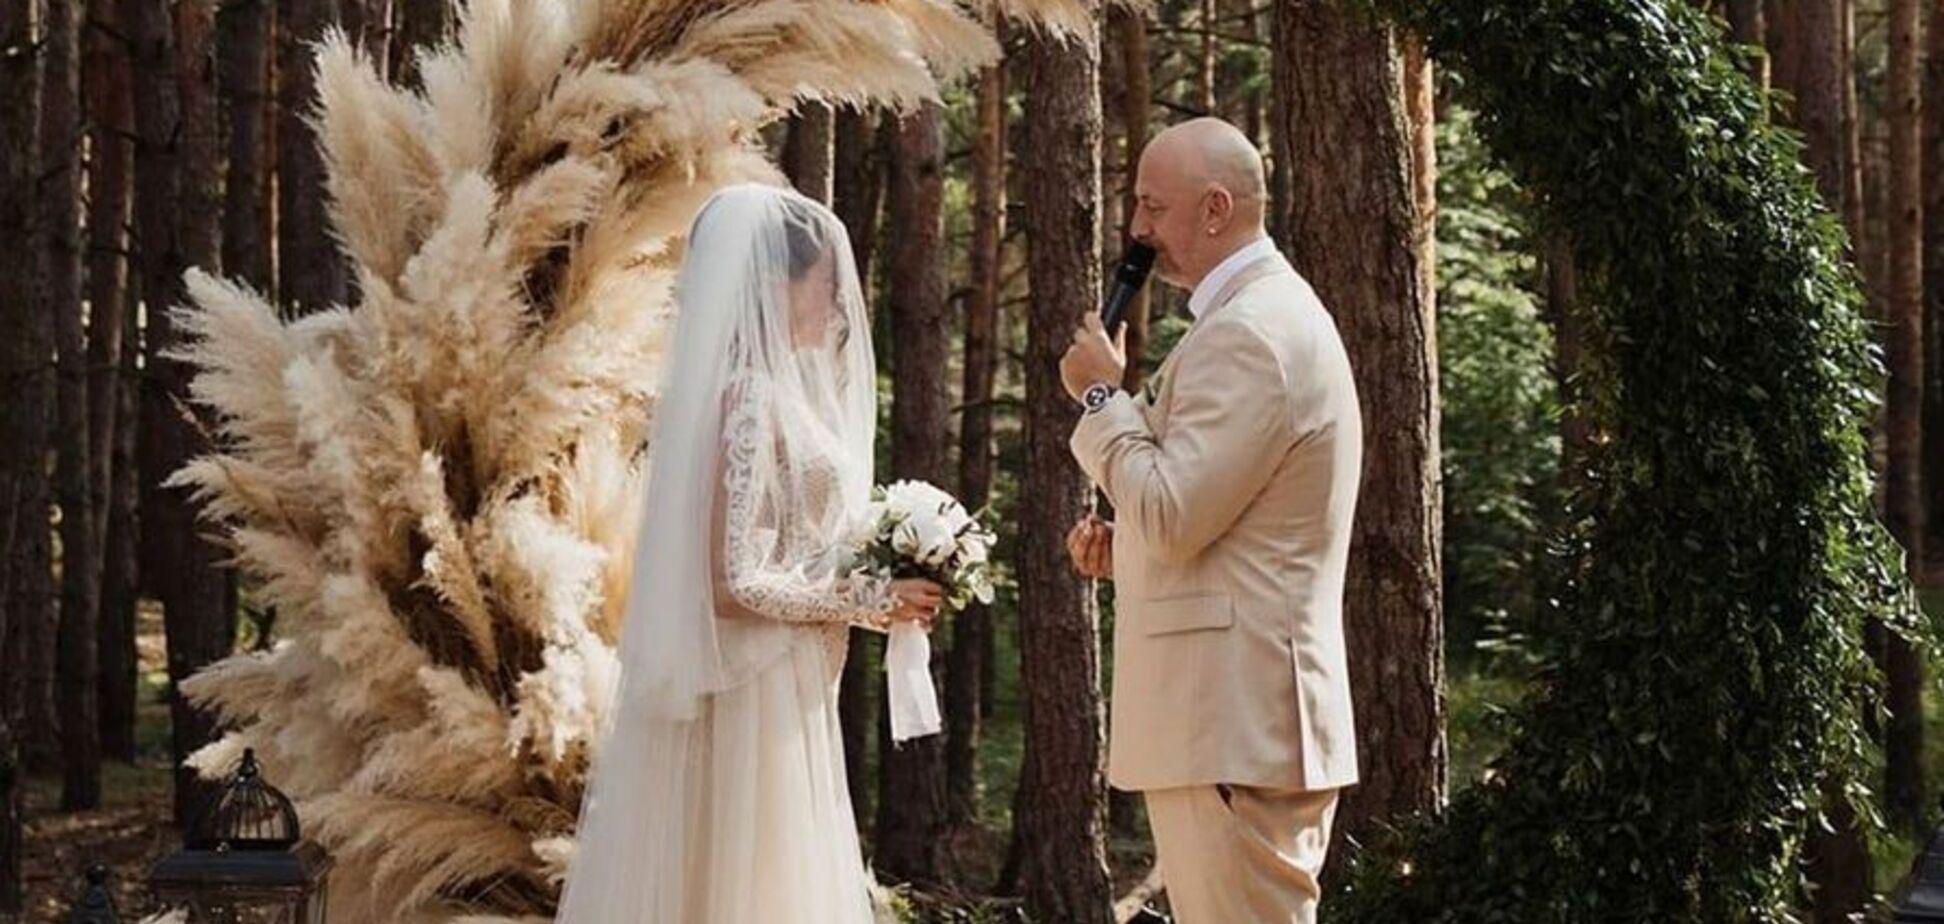 'Нас не звали': в России обиделись из-за свадьбы Потапа и Насти